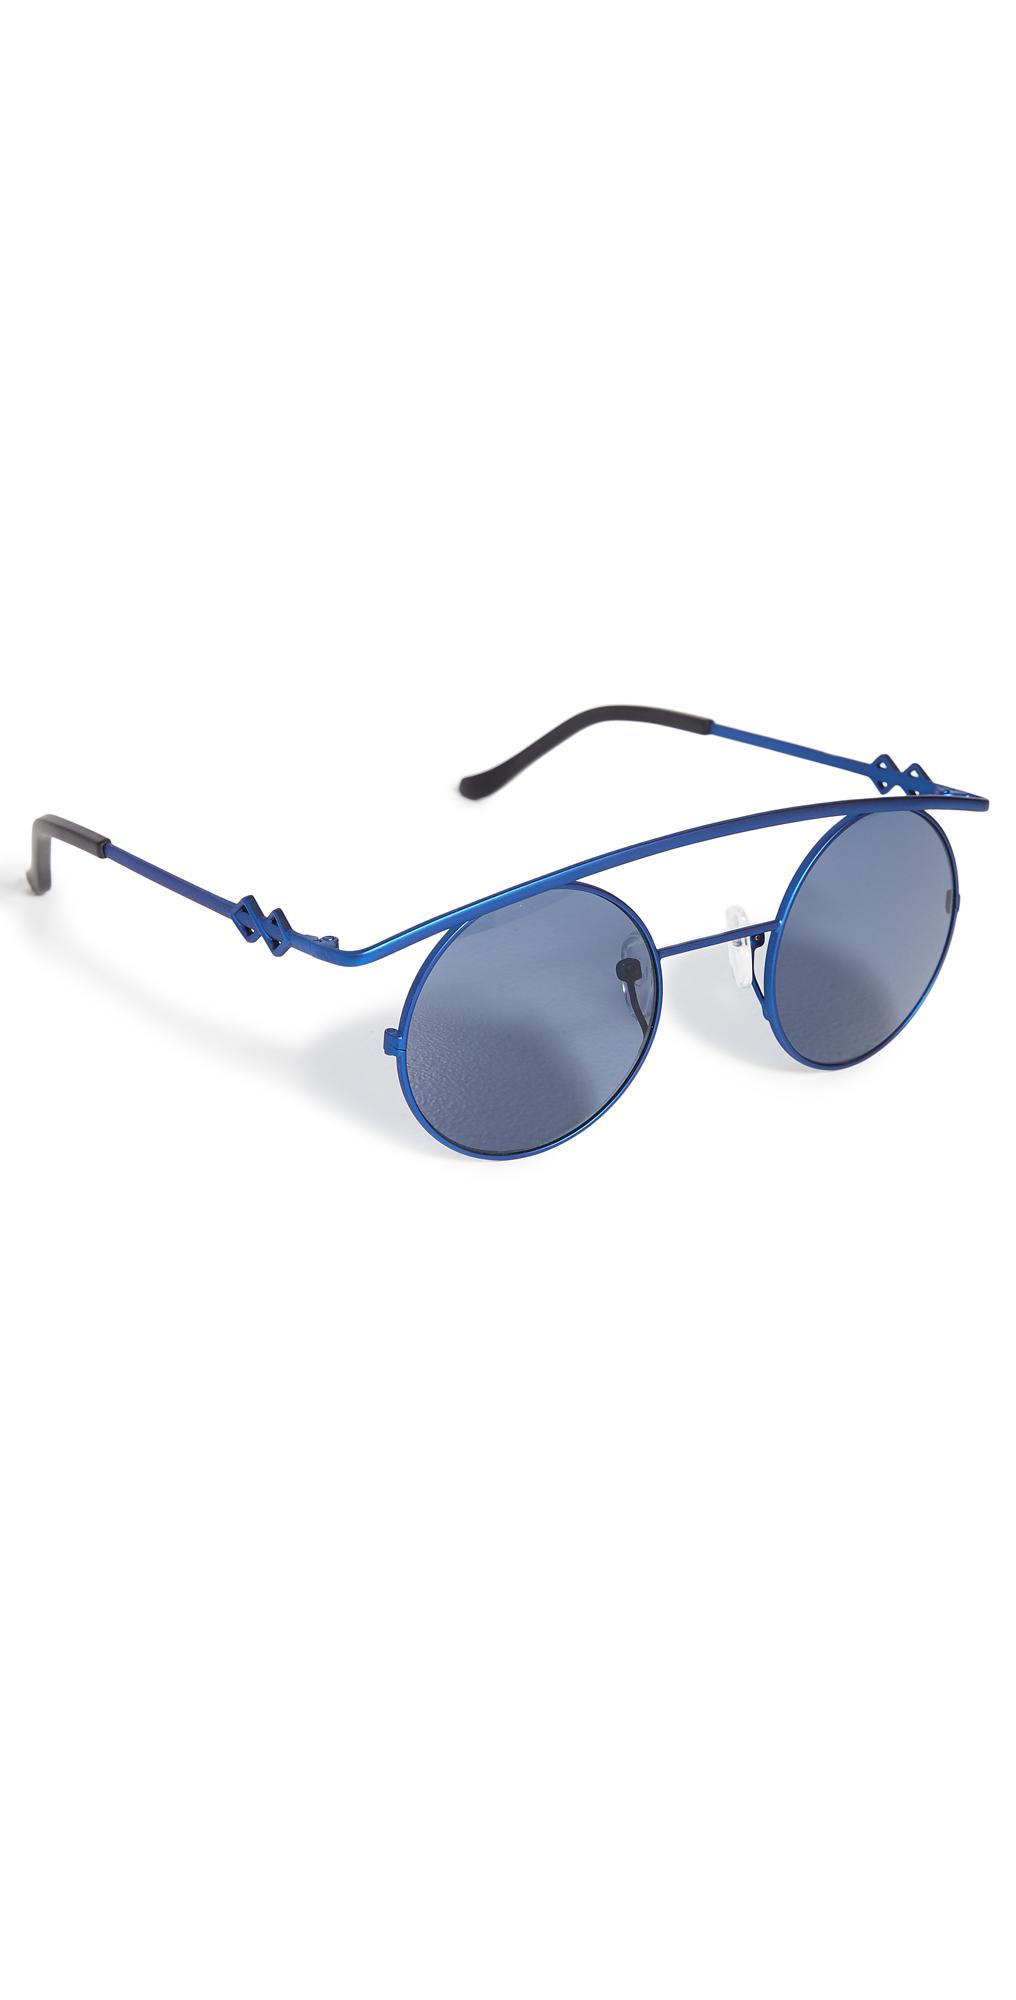 Retro's XL Sunglasses